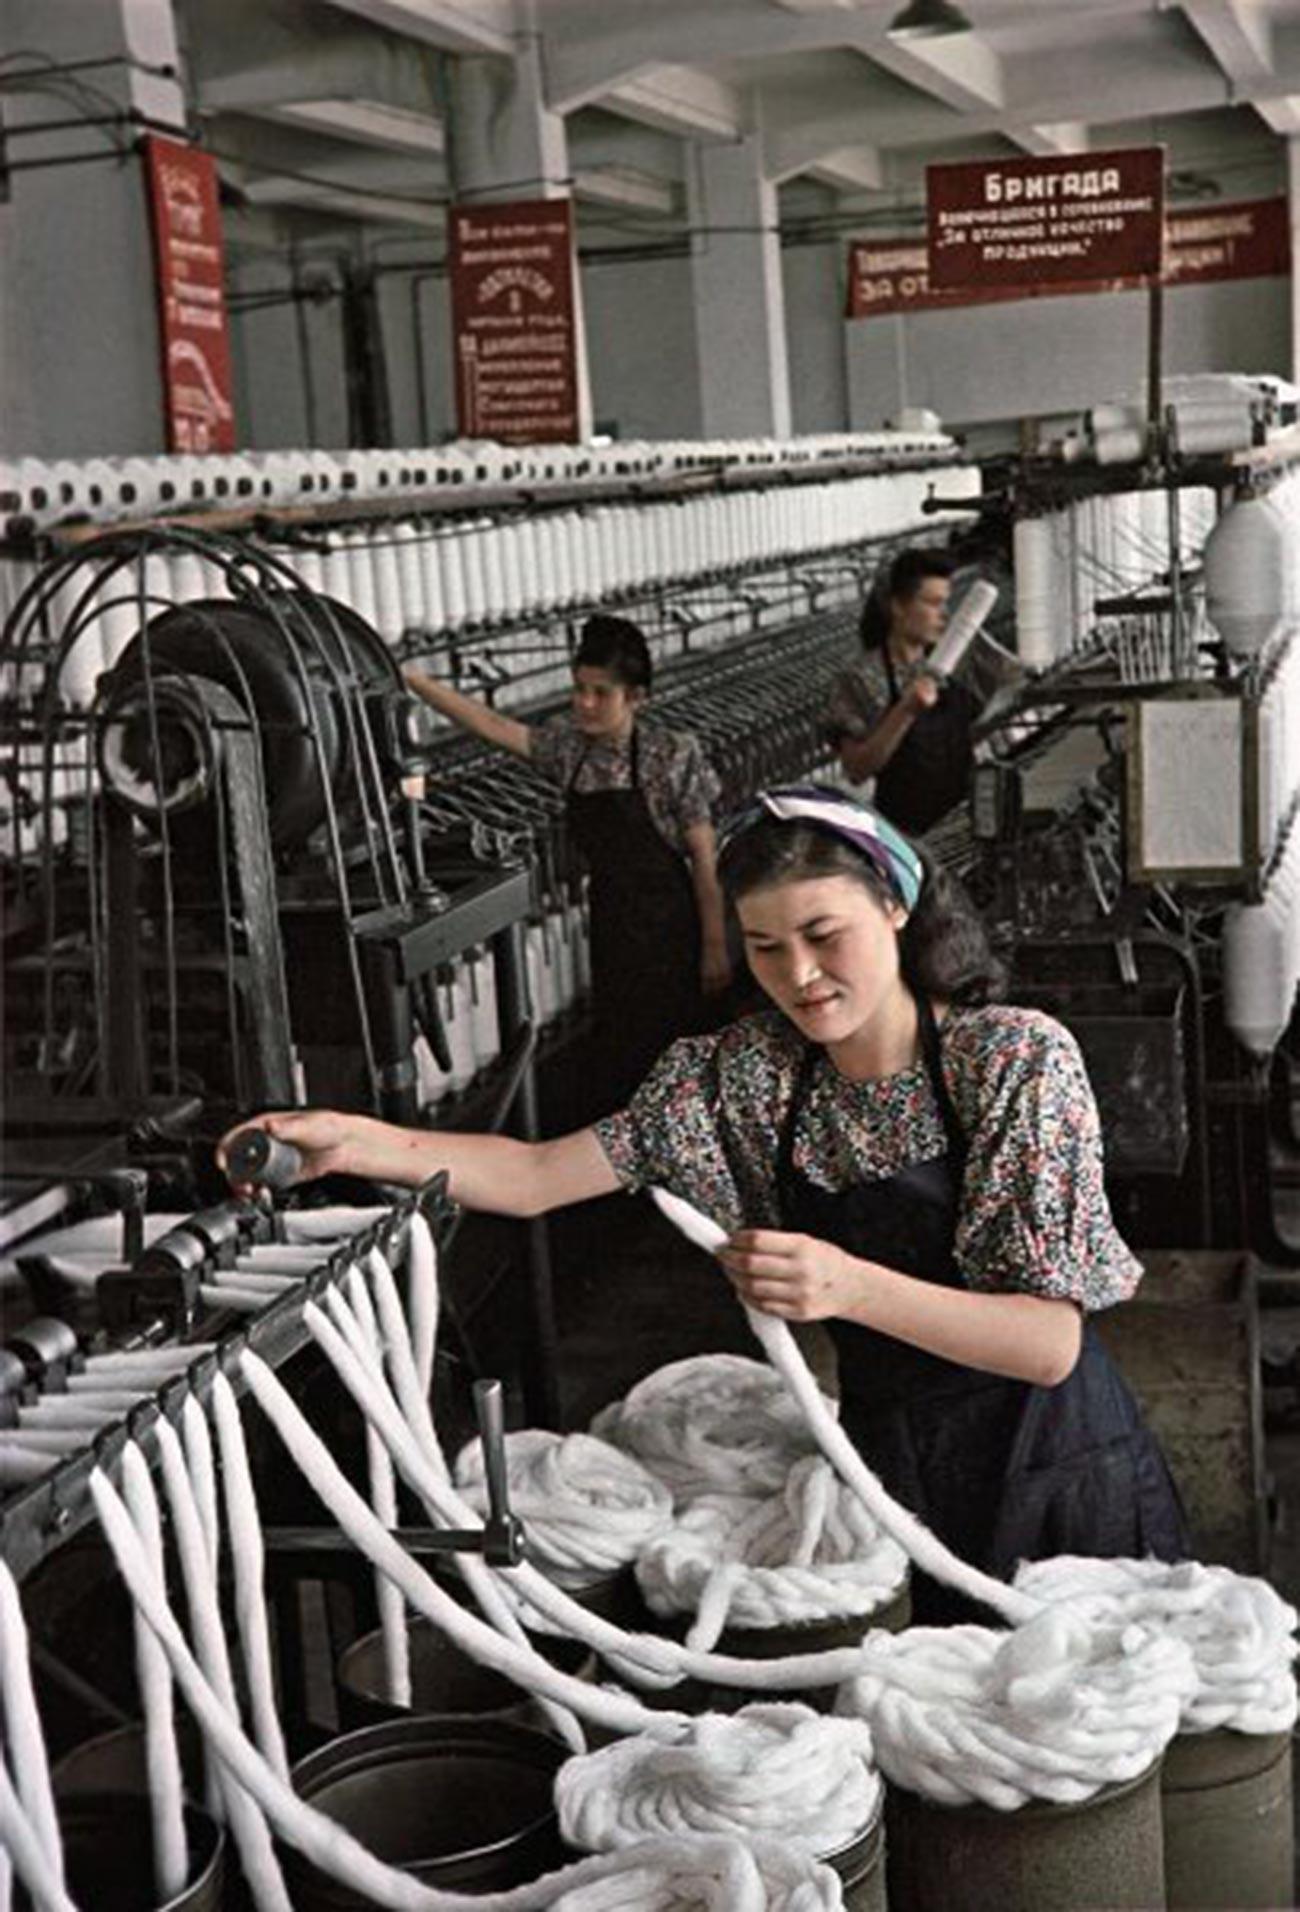 Maria Nassilbaïeva, pupille d'un orphelinat et stakhanoviste de la fabrique de filature de coton d'Alma-Ata (actuelle Almaty). Avec ses amies de brigade, elle a réalisé le plan à 200% des objectifs initialement prévus. Extrait des archives du magazine « Ogoniok », 1950.